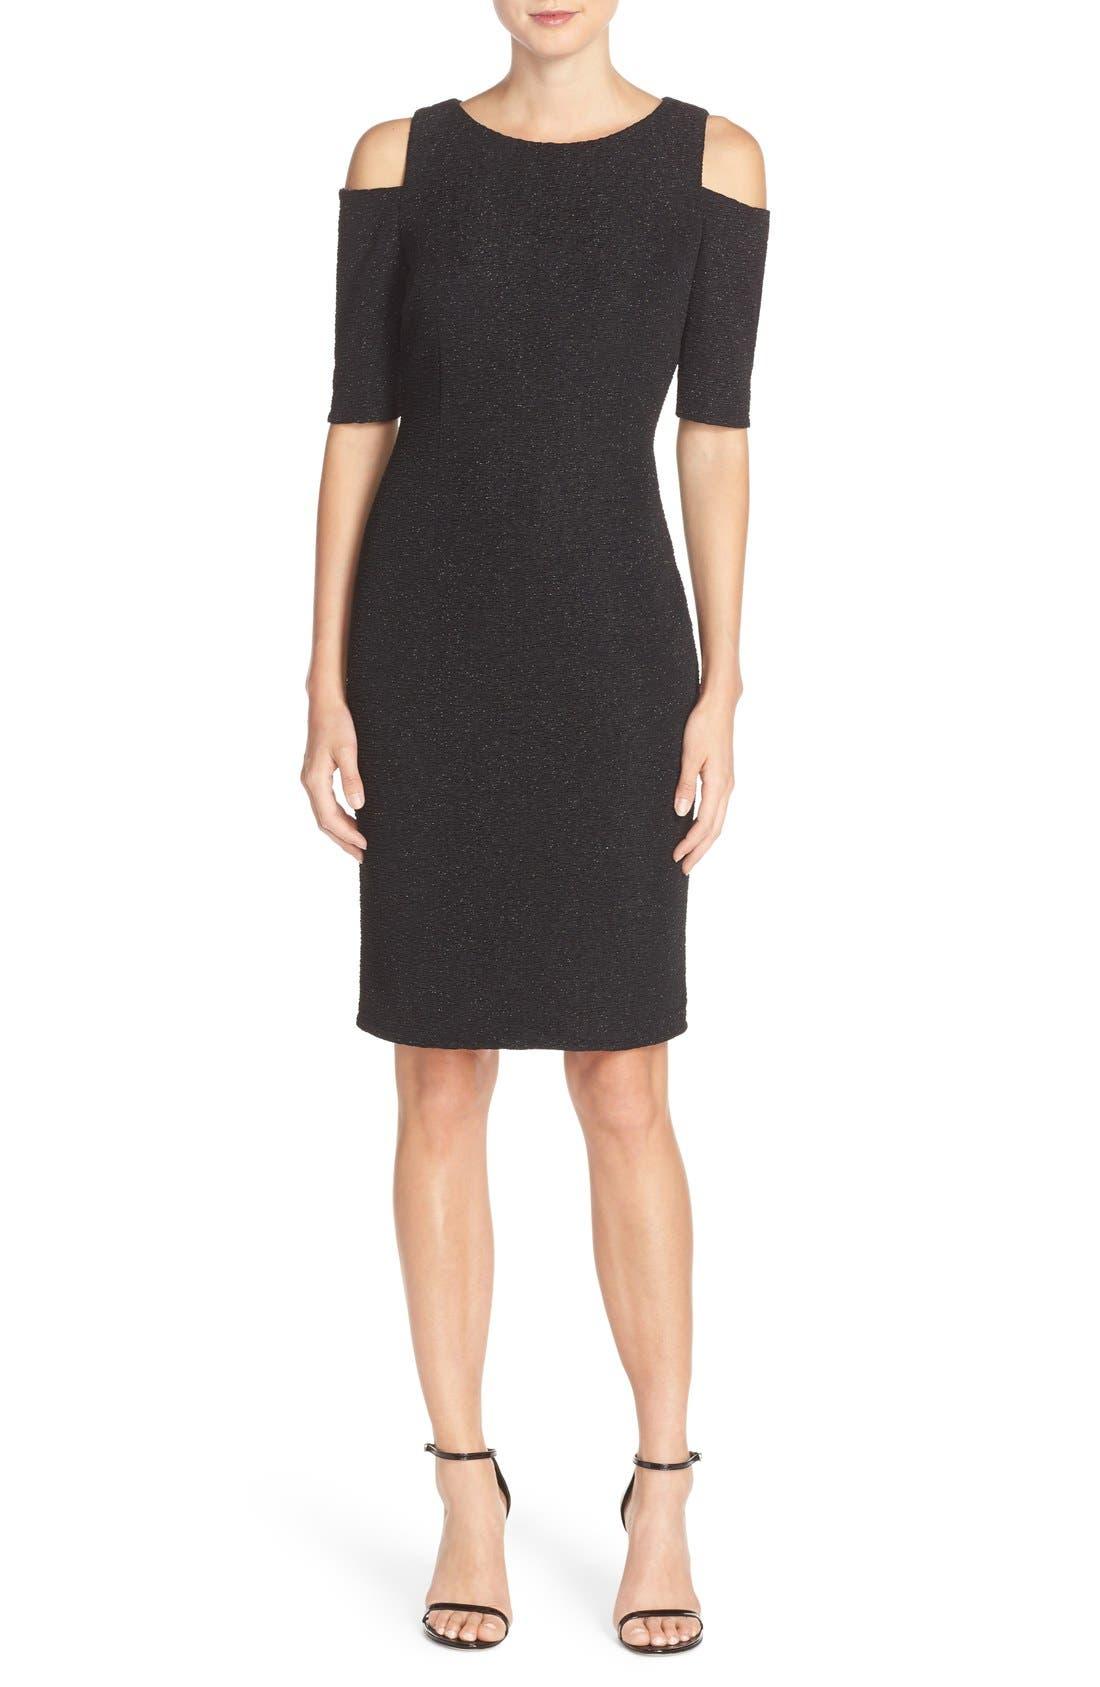 Alternate Image 1 Selected - Eliza J Cold Shoulder Sparkle Knit Sheath Dress